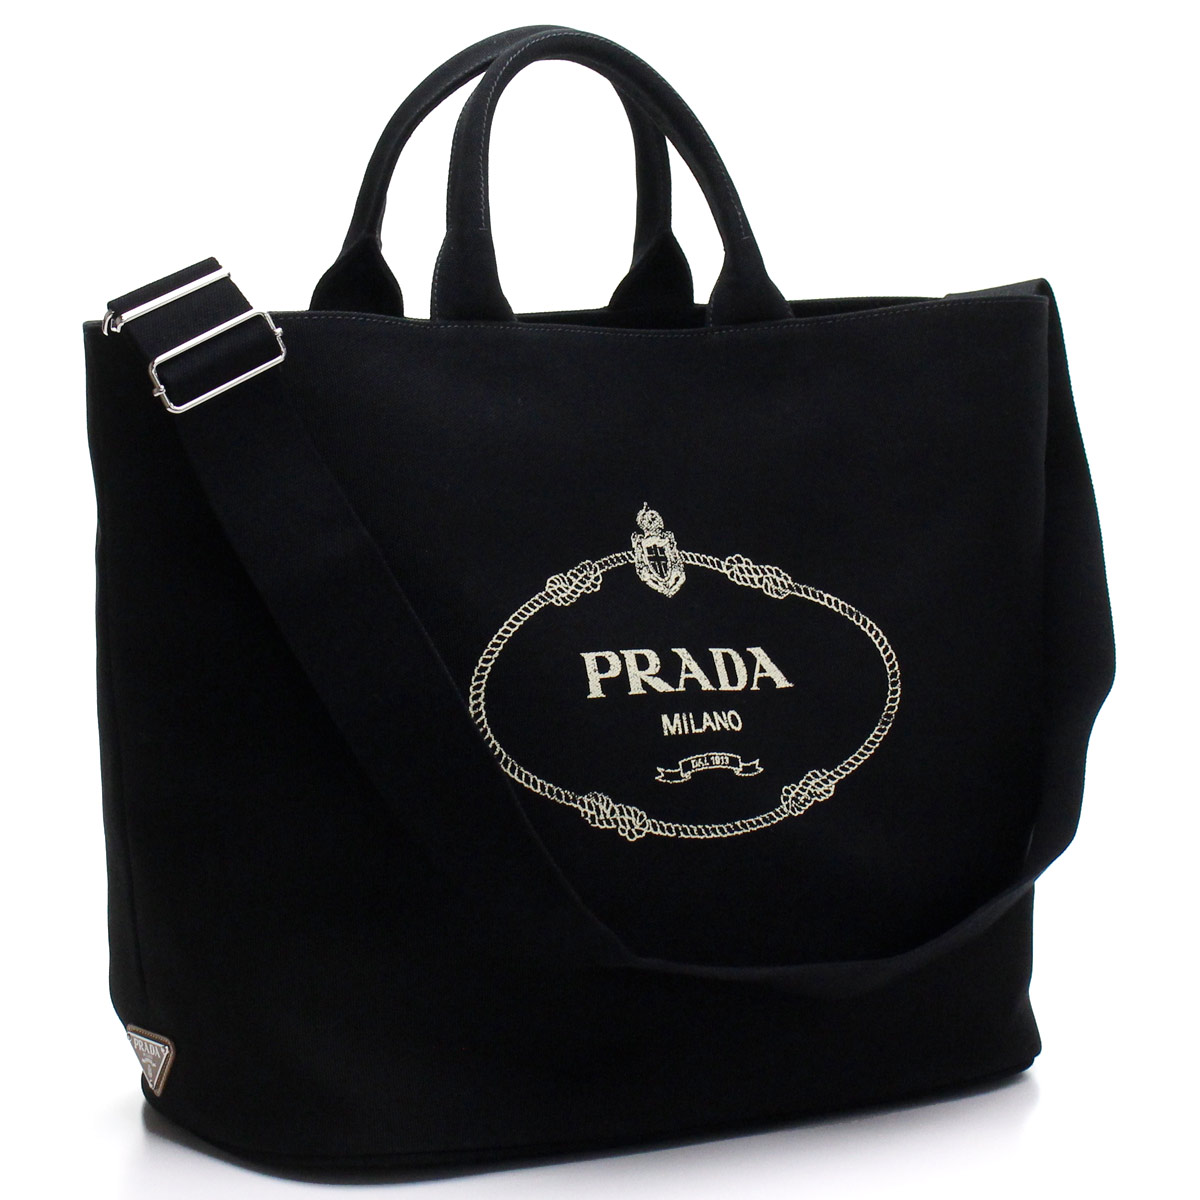 プラダ PRADA カナパ ショッピング トートバッグ 1BG161 ZKI V OOO F0002 NERO ブラック レディース